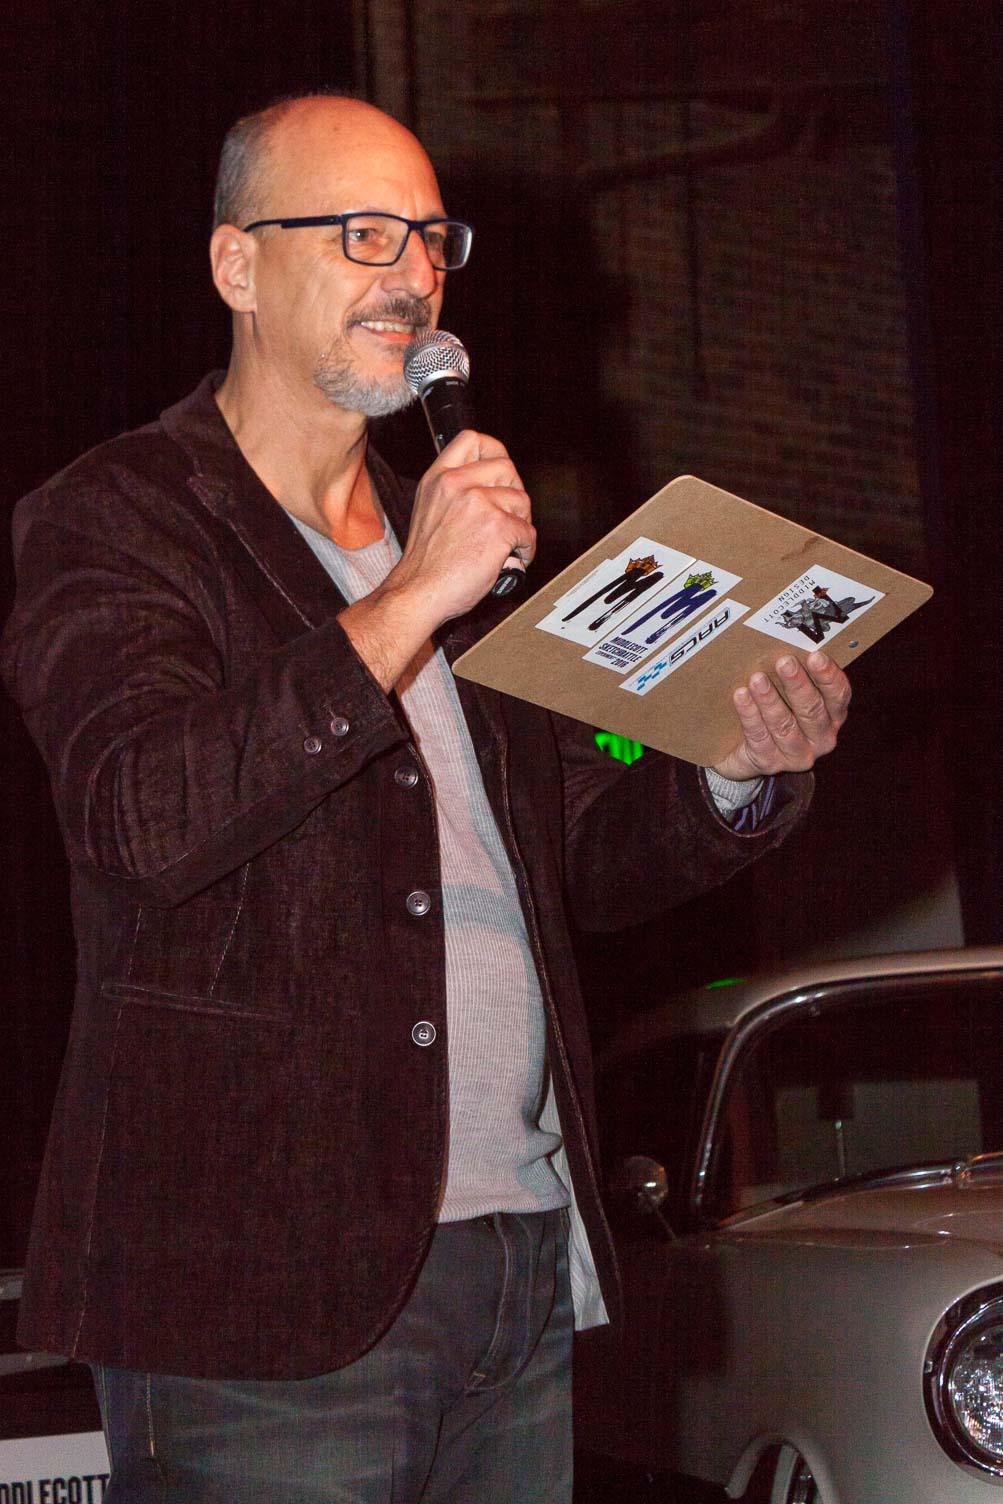 Frank Schwartz, event organizer!